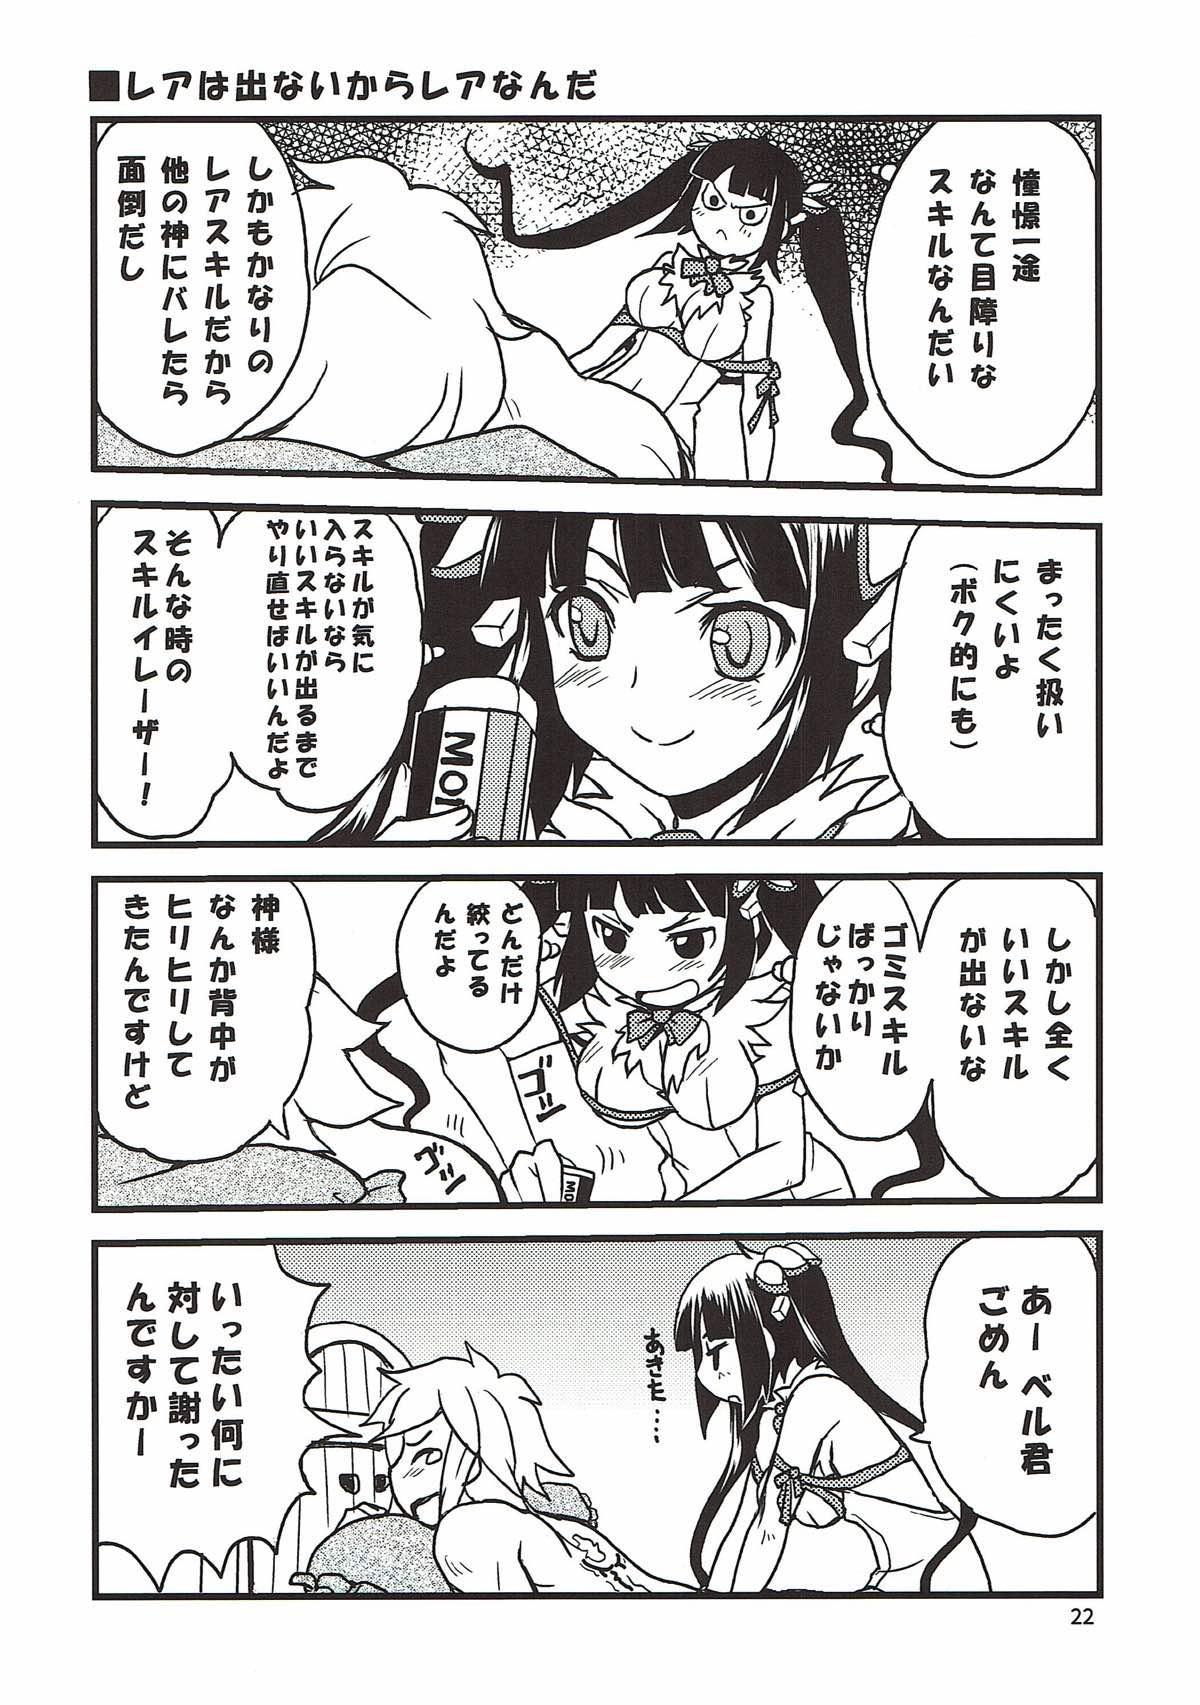 Kami-sama no Takaramono 18